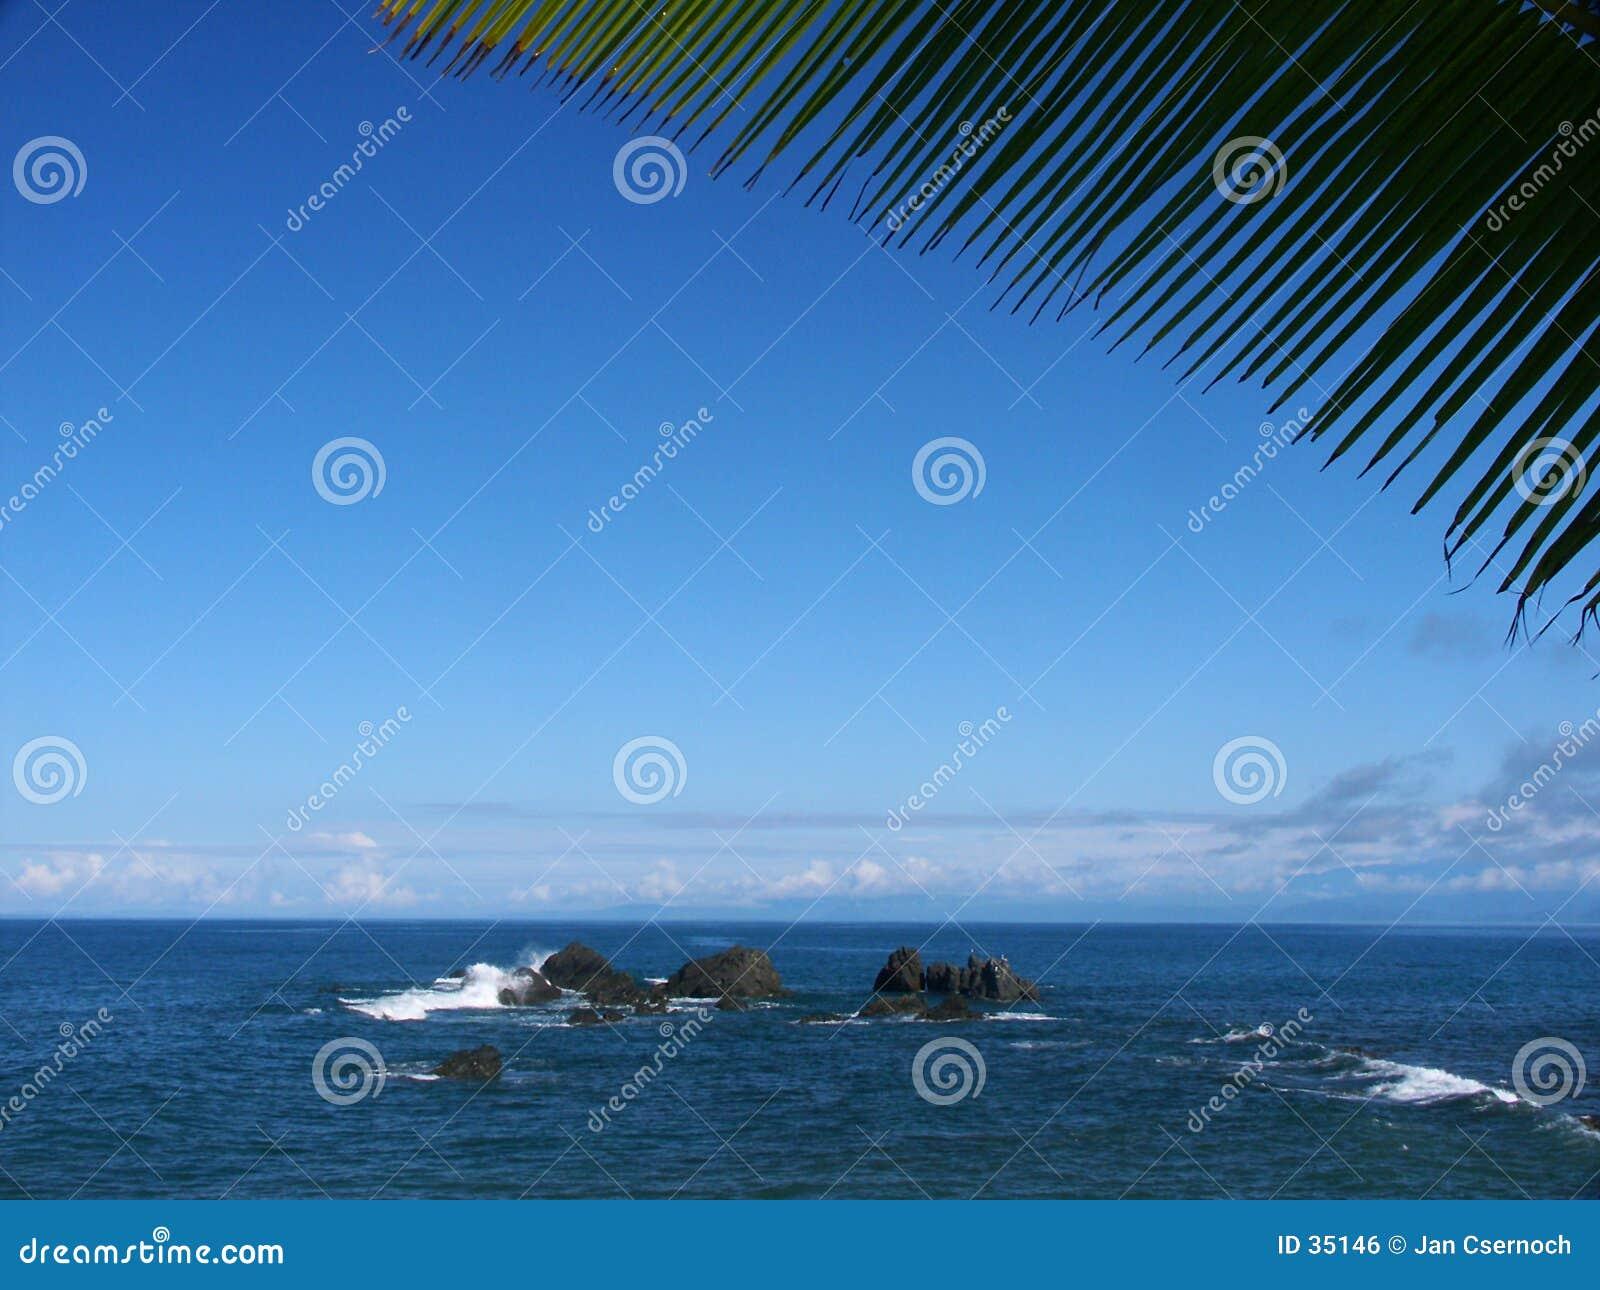 Download Hoja De Palmtree Con El Seaview Y Las Rocas Foto de archivo - Imagen de horizonte, cielo: 35146